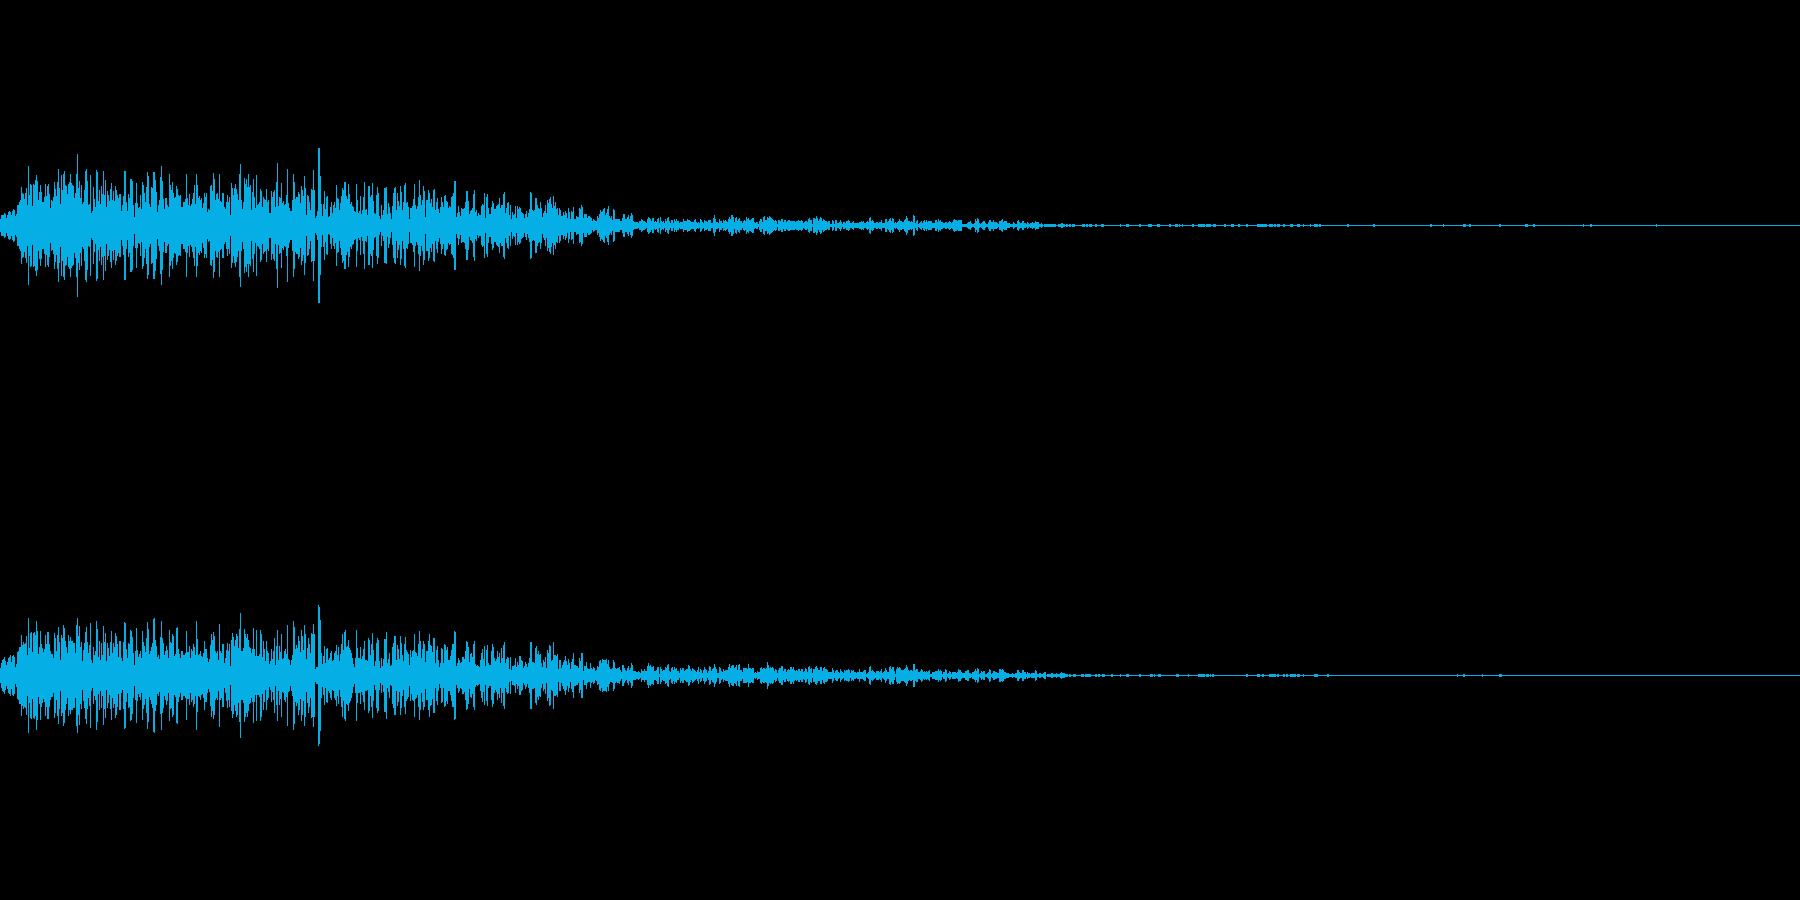 爆弾の爆発音の再生済みの波形